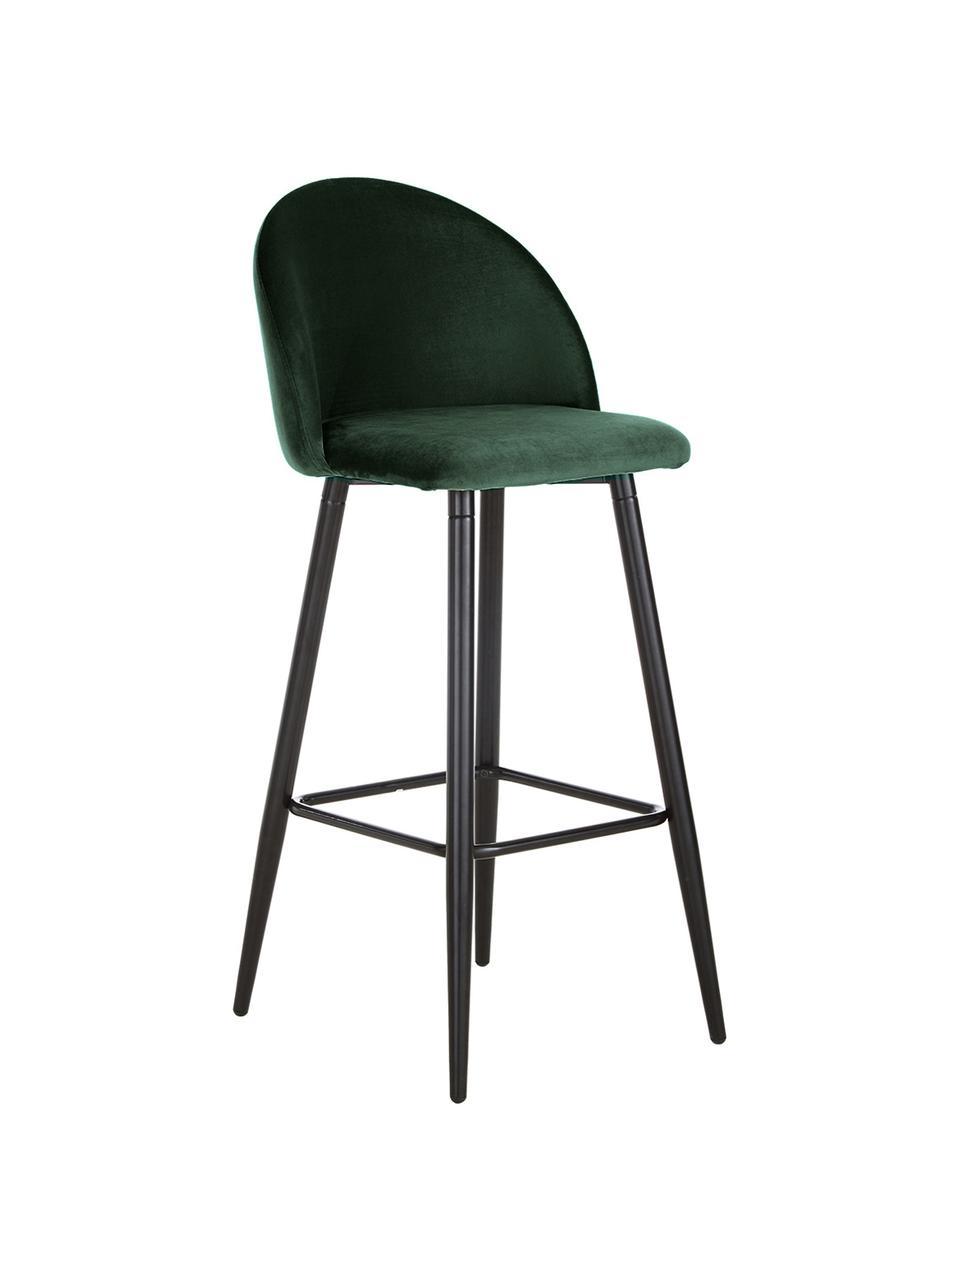 Sedia da bar in velluto verde scuro Amy, Rivestimento: velluto (poliestere) Il r, Gambe: metallo verniciato a polv, Verde scuro, Larg. 45 x Alt. 103 cm